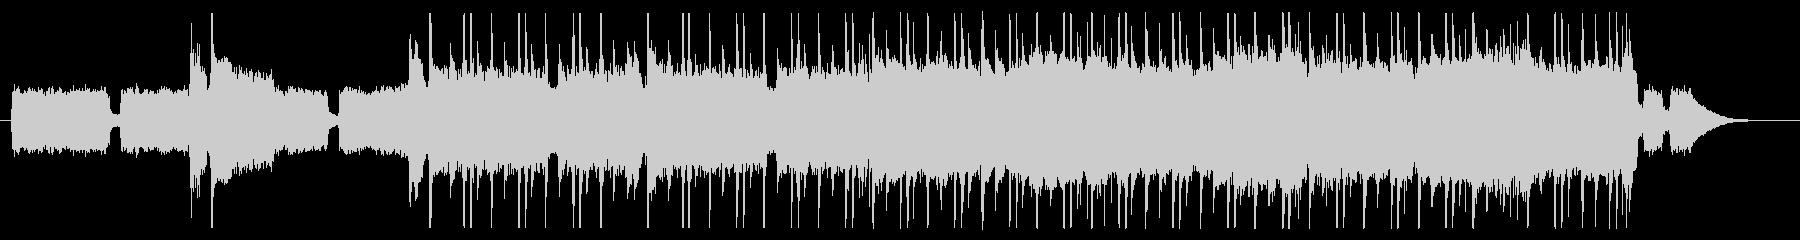 ミディアムブルースロックの未再生の波形